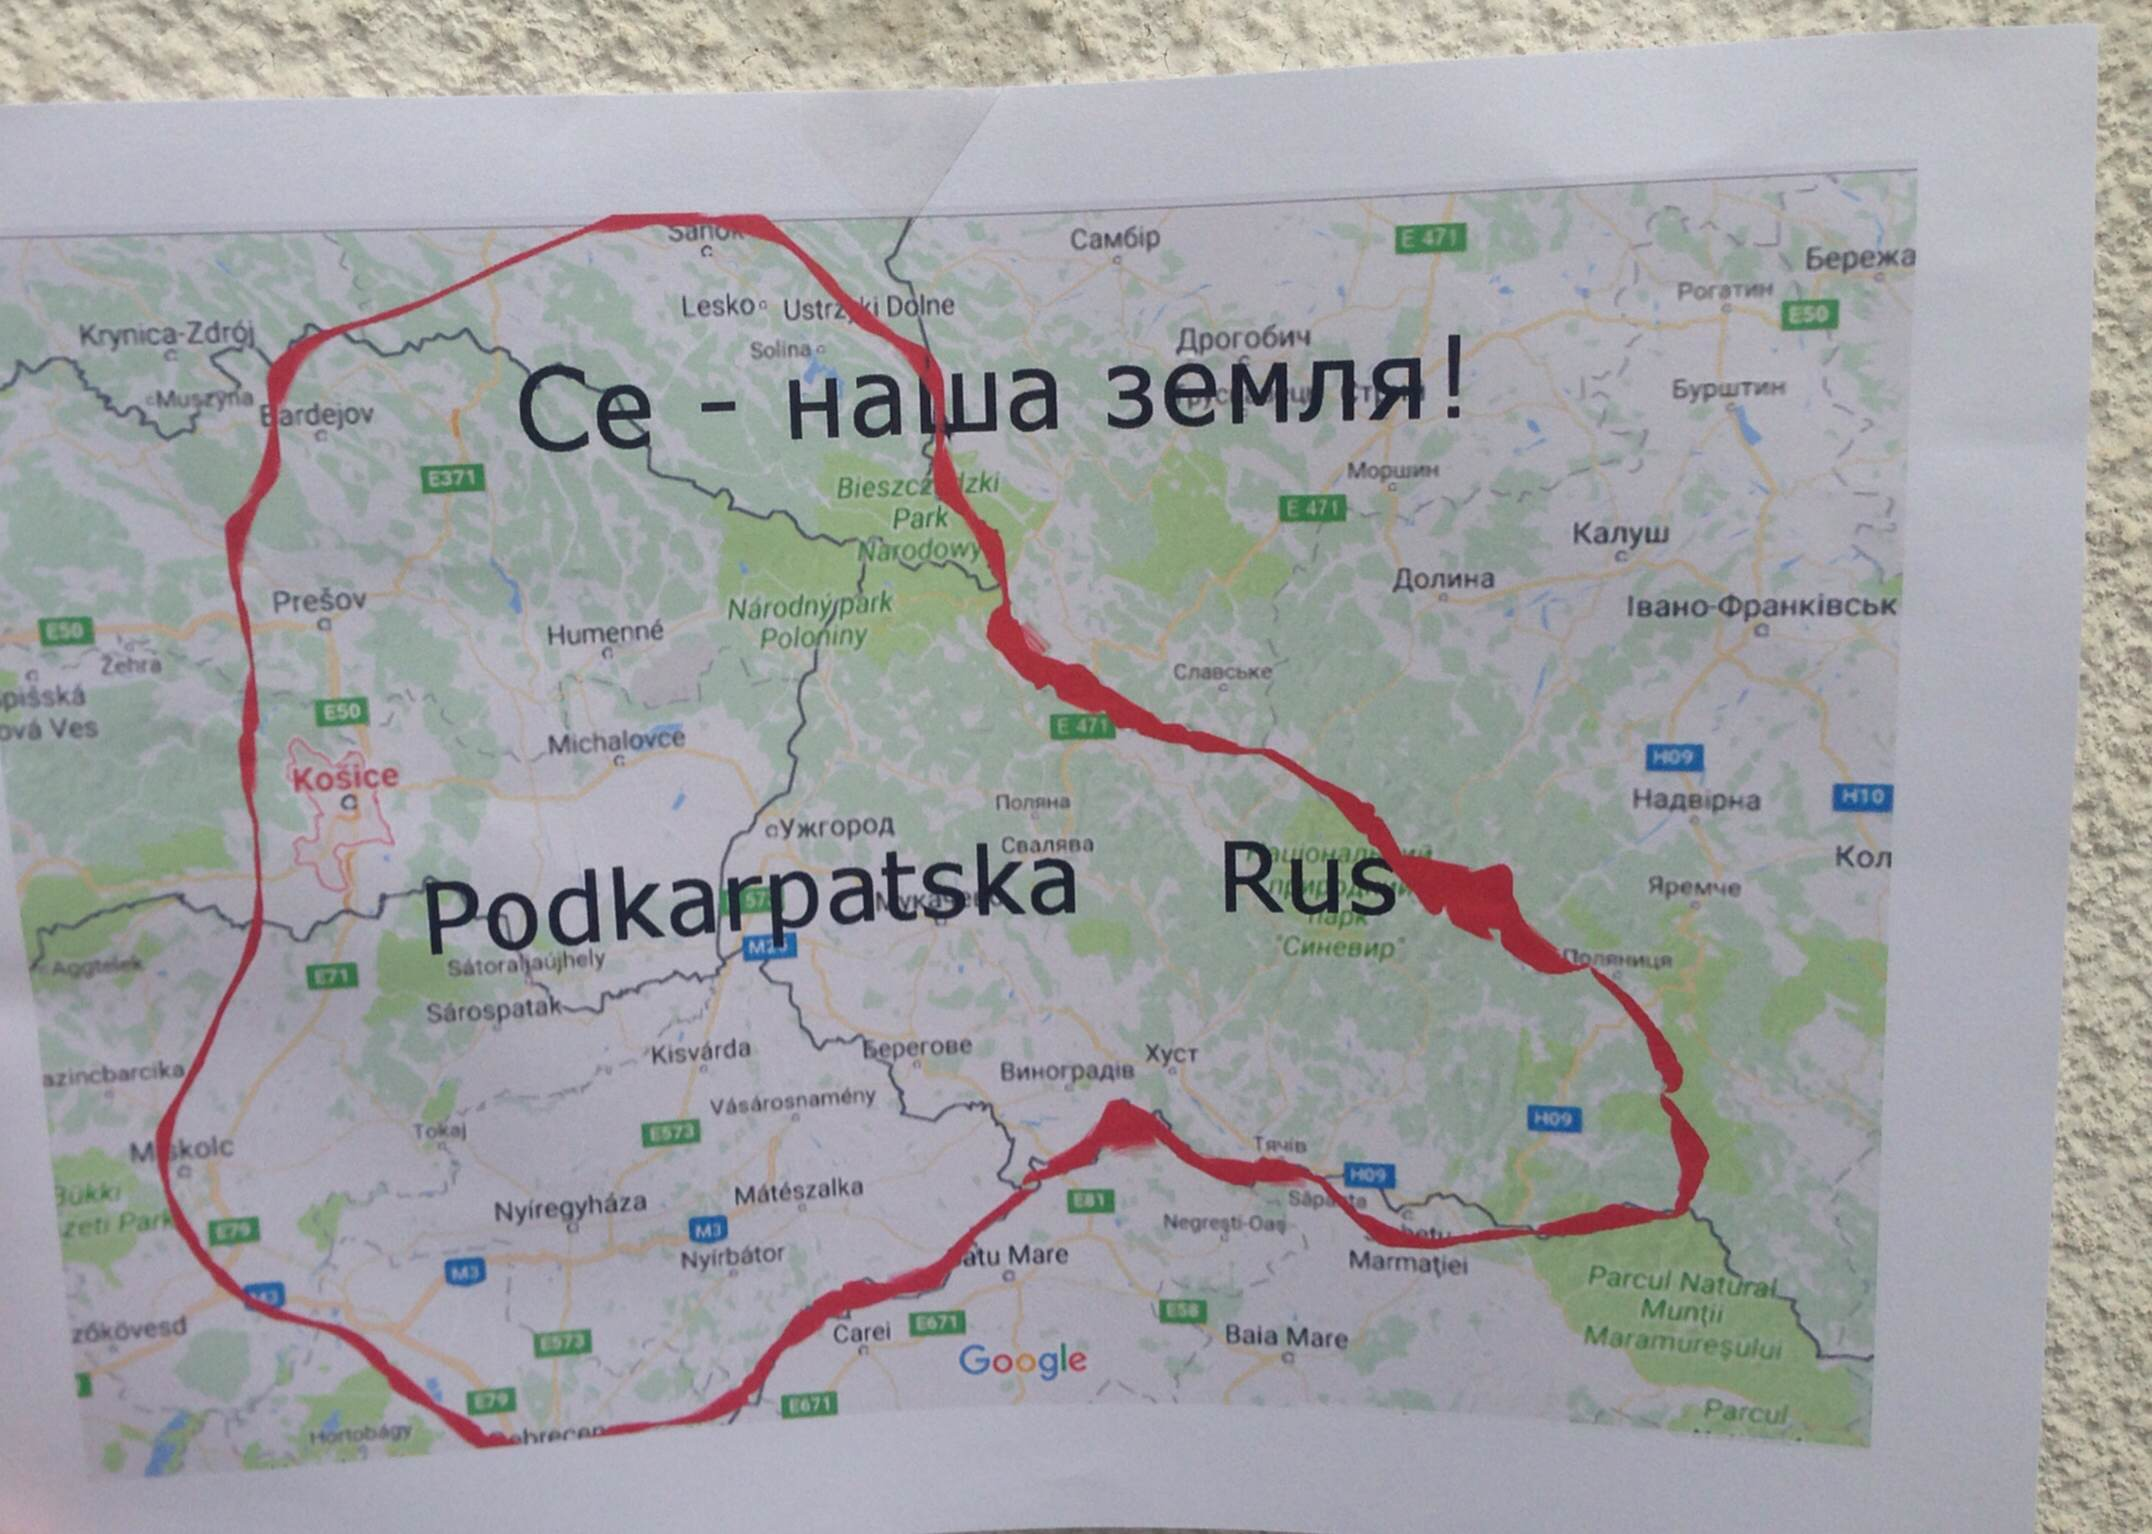 Закарпатські політичні русини висунули територіальні претензії до п'ятьох держав (ФОТО)